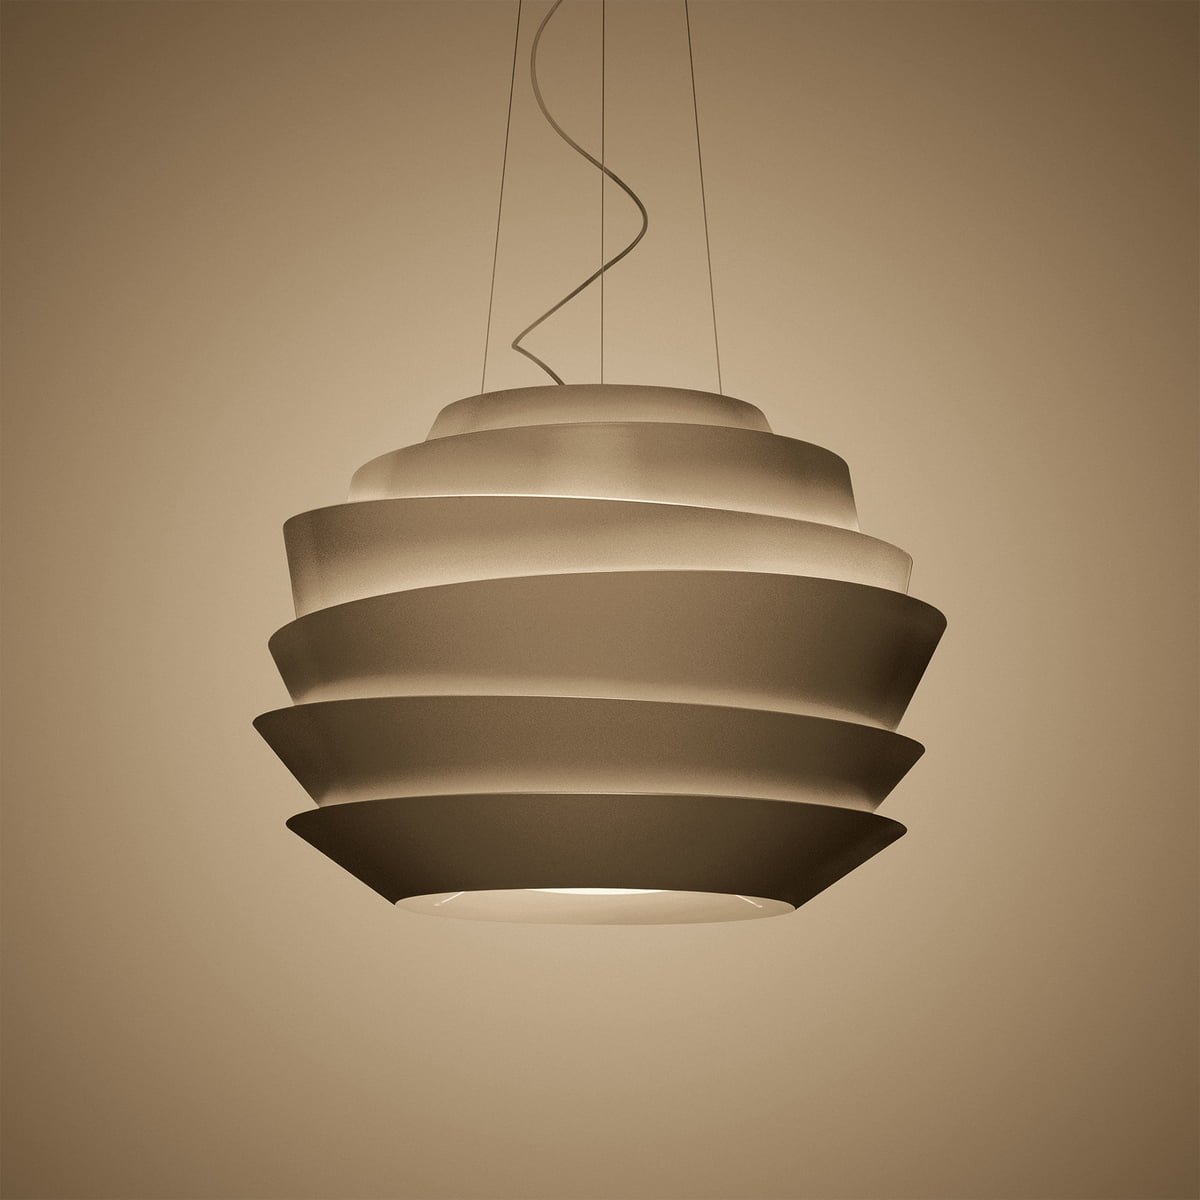 Foscarini le soleil pendant lamp foscarini connox foscarini le soleil pendant lamp led bronze audiocablefo Light shop